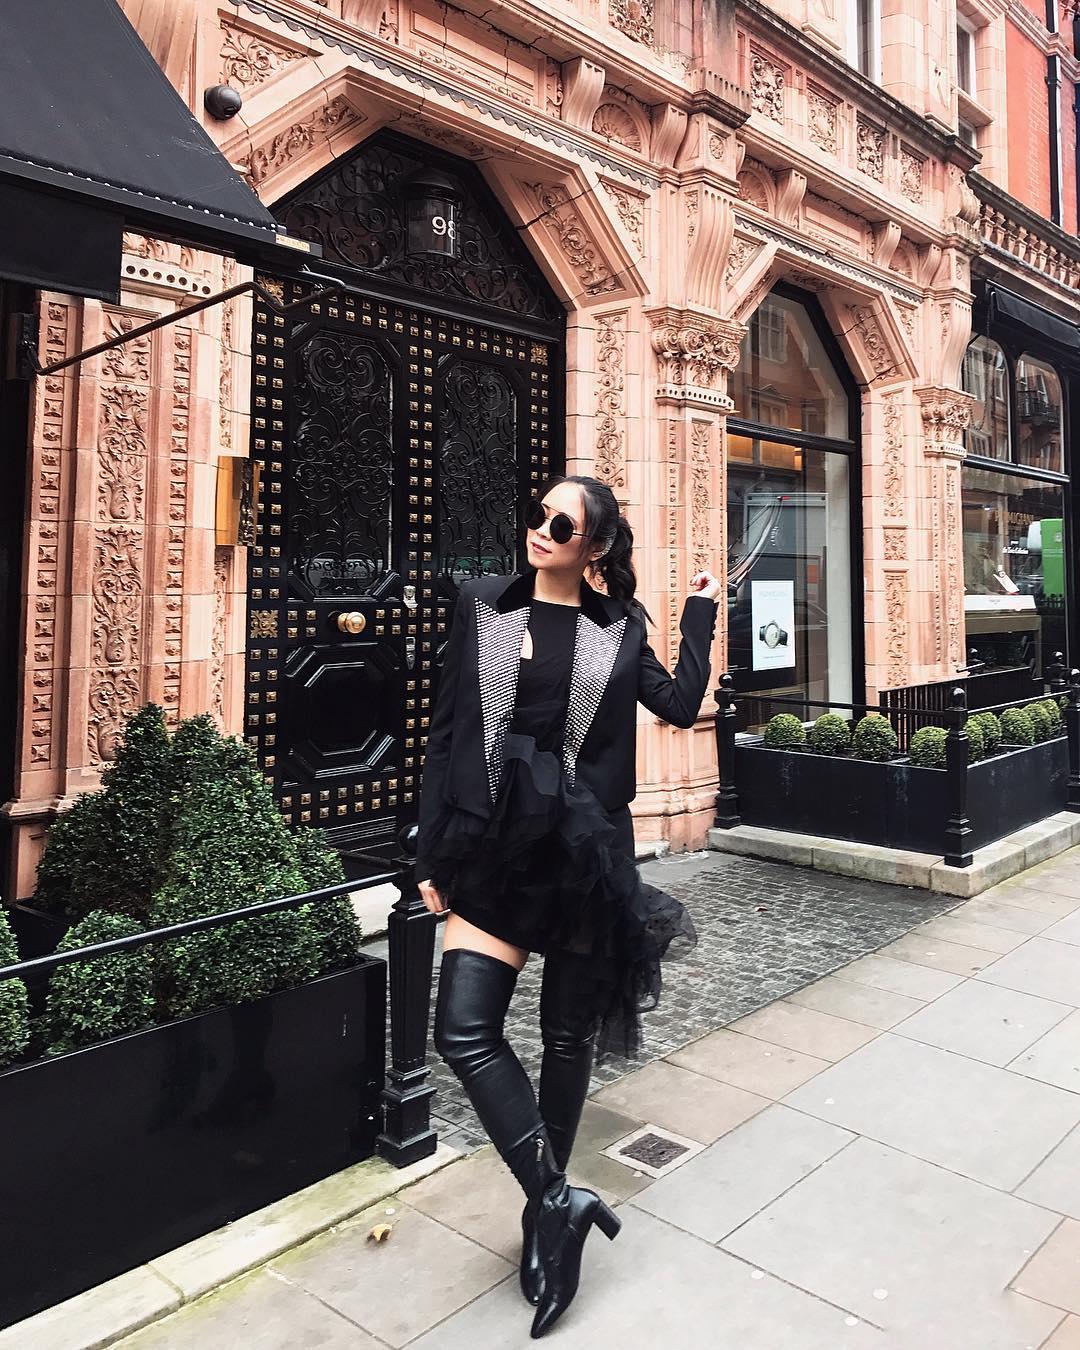 Ngắm style mùa đông sang chảnh và cá tính của Nga Nguyễn - nàng fashionista nổi tiếng thế giới